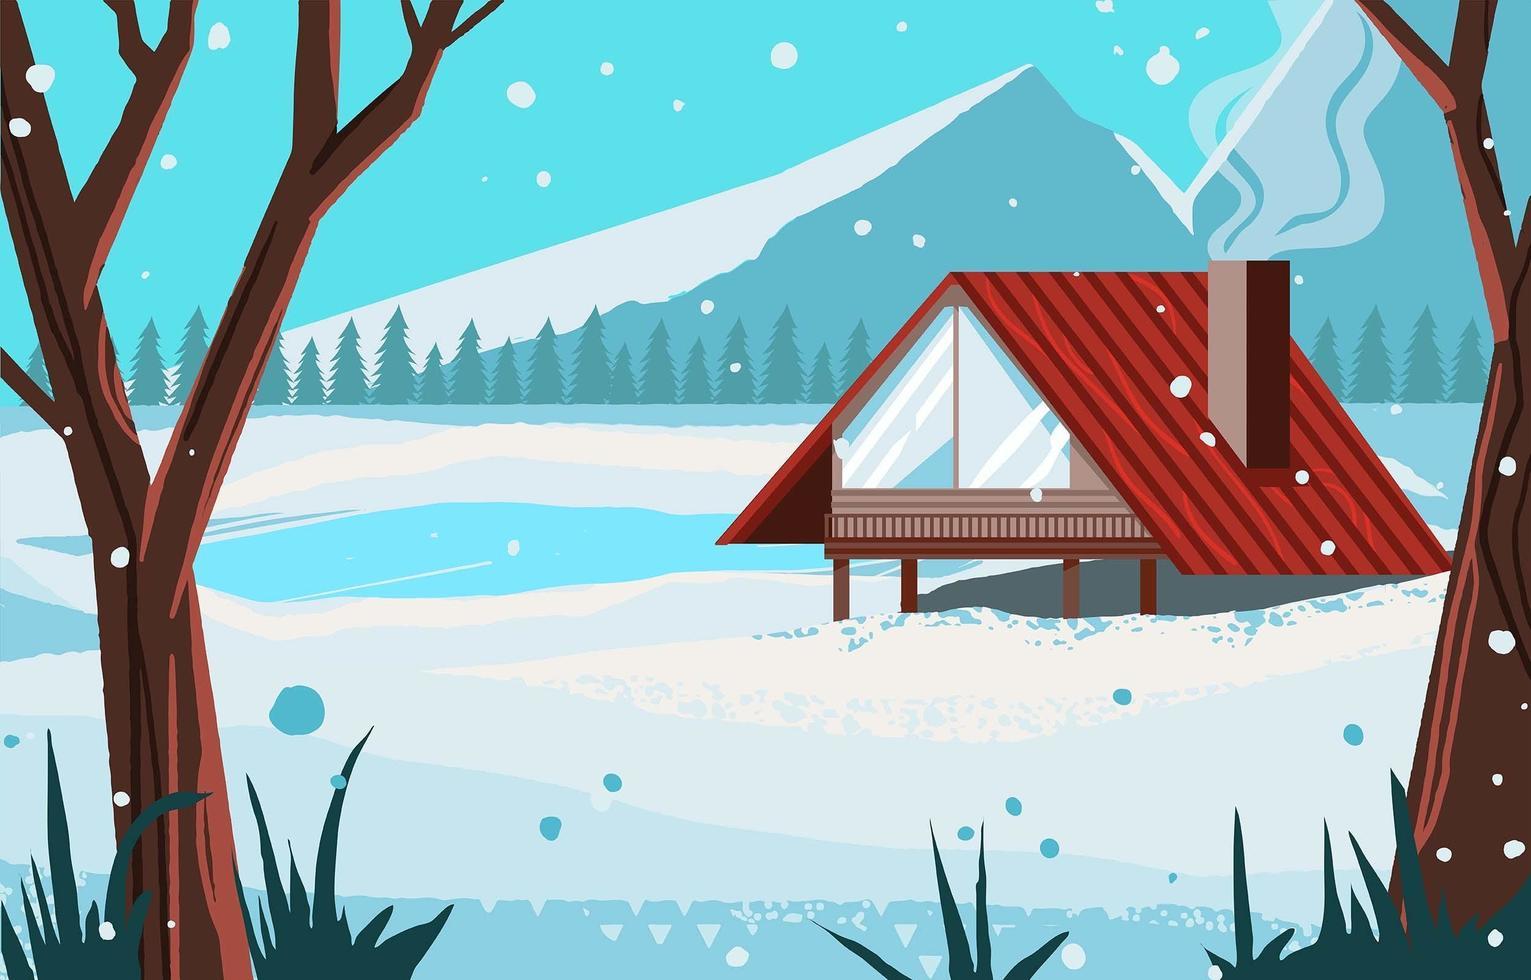 casa rossa accanto al lago gelido in inverno vettore